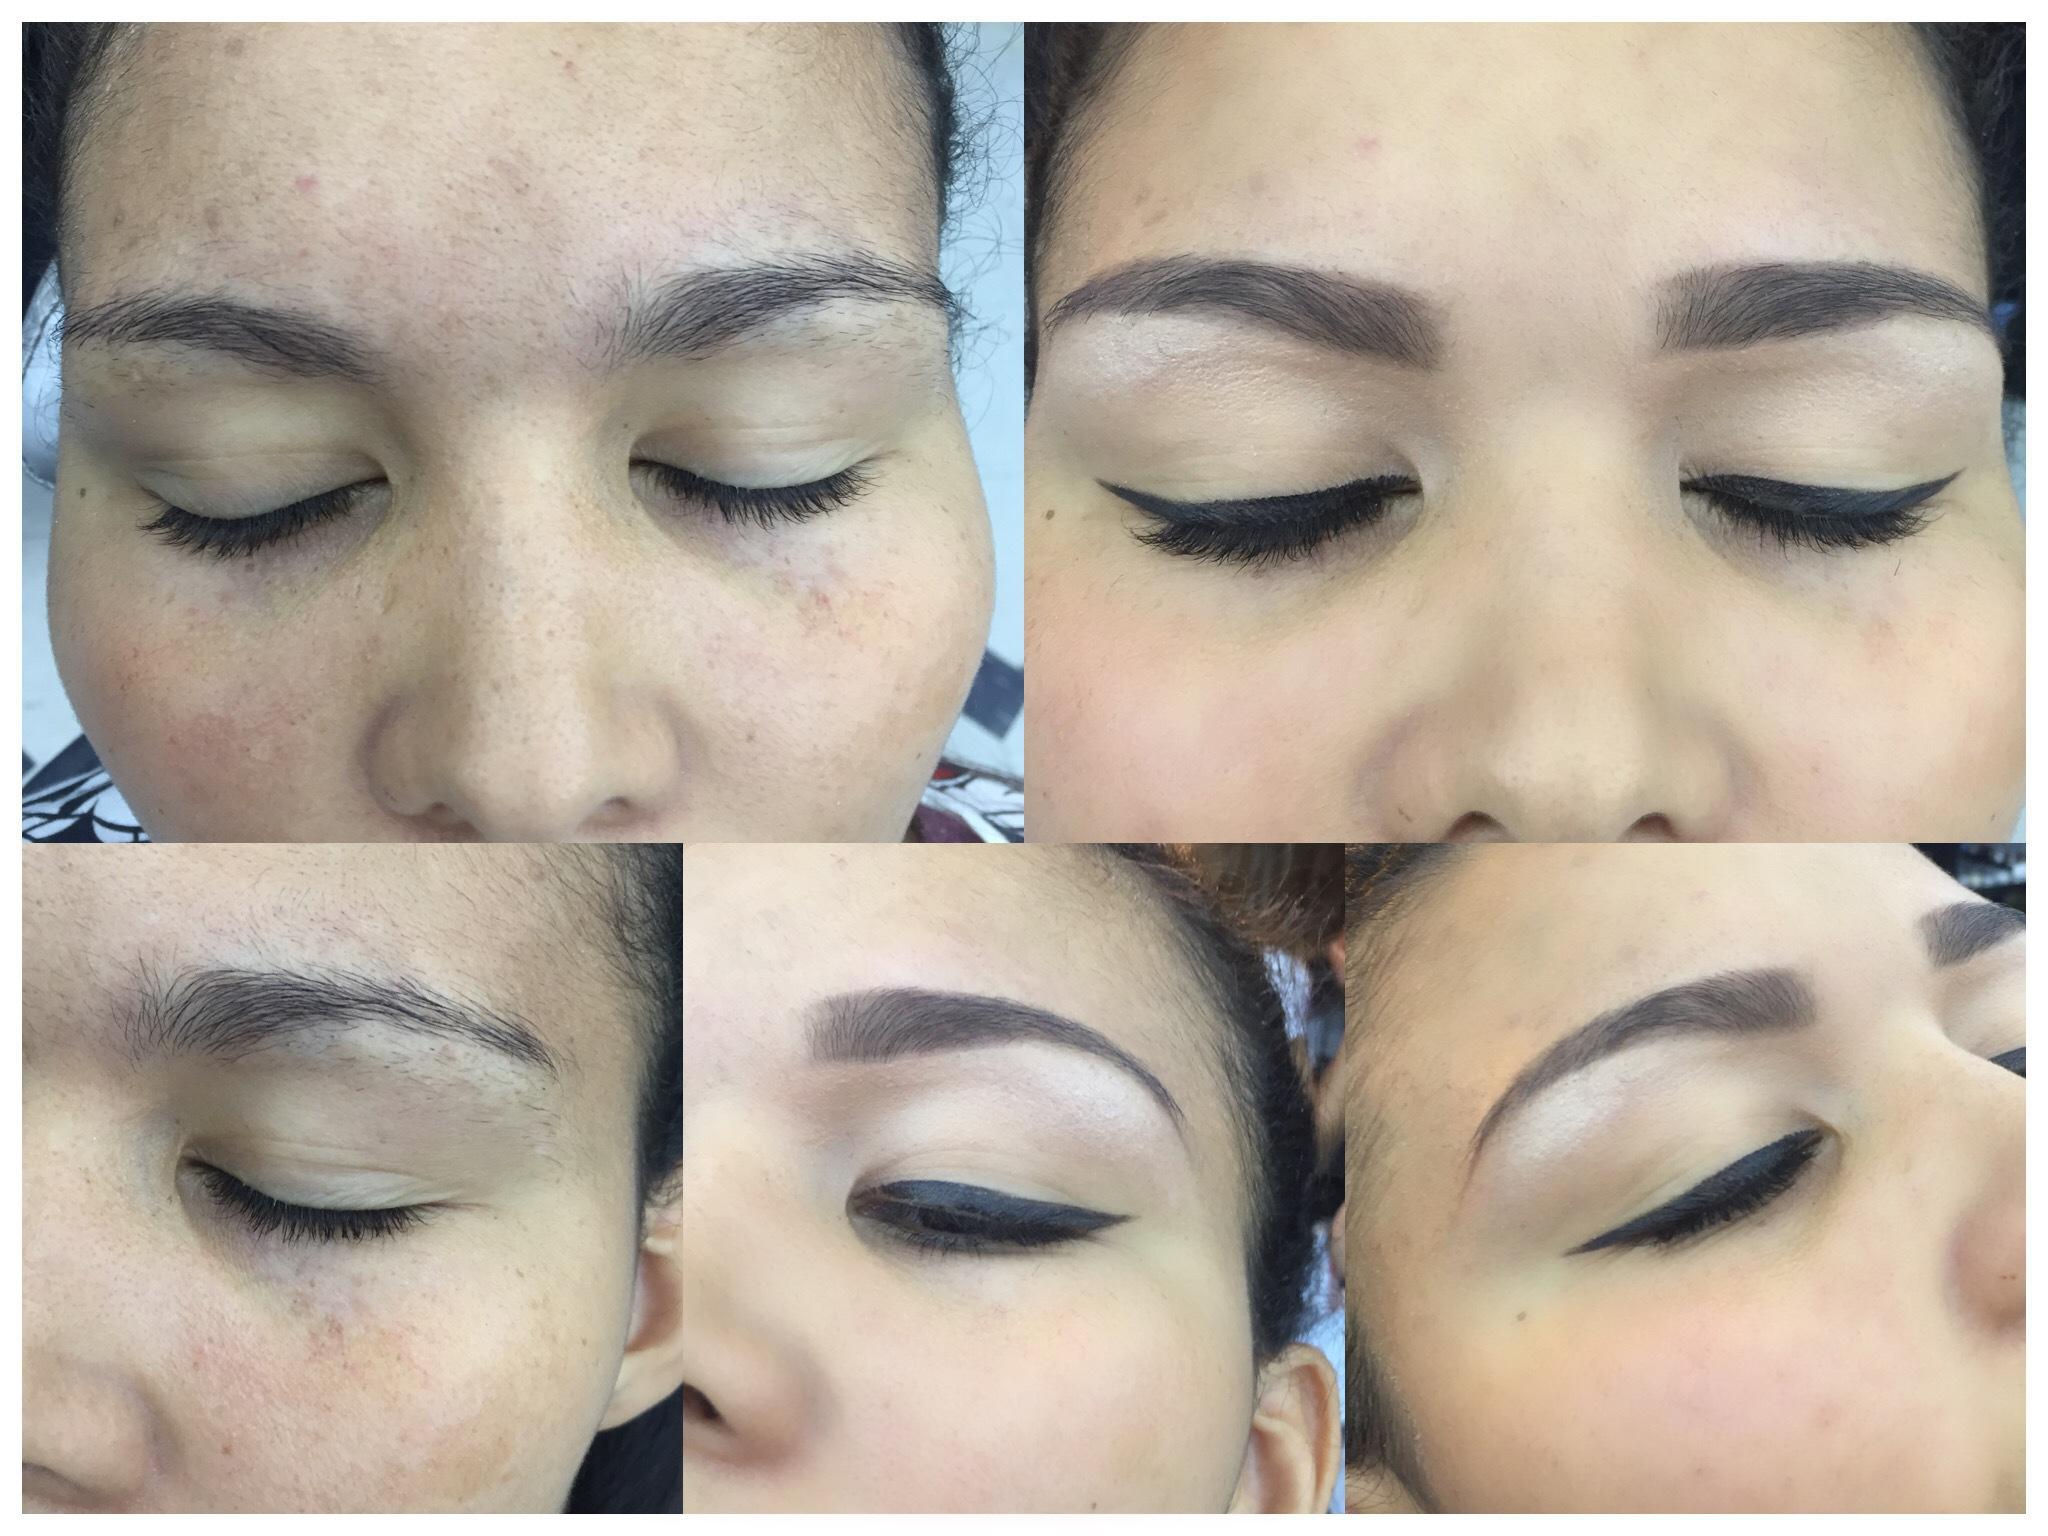 designer de sobrancelhas maquiagem assistente maquiador(a) maquiador(a) auxiliar cabeleireiro(a) vendedor(a)